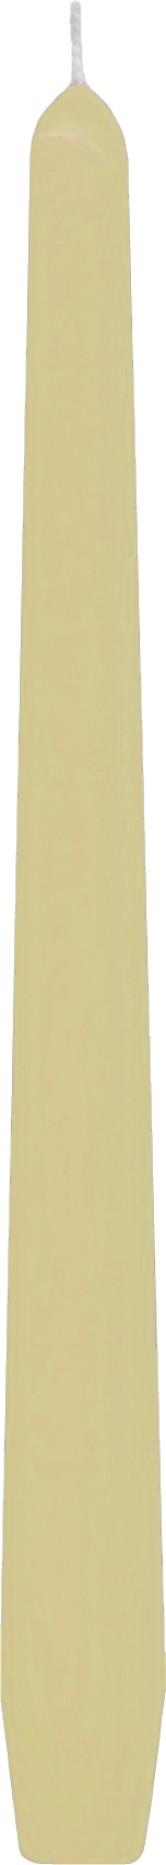 Svíčka kónická béžová 24,5 cm,